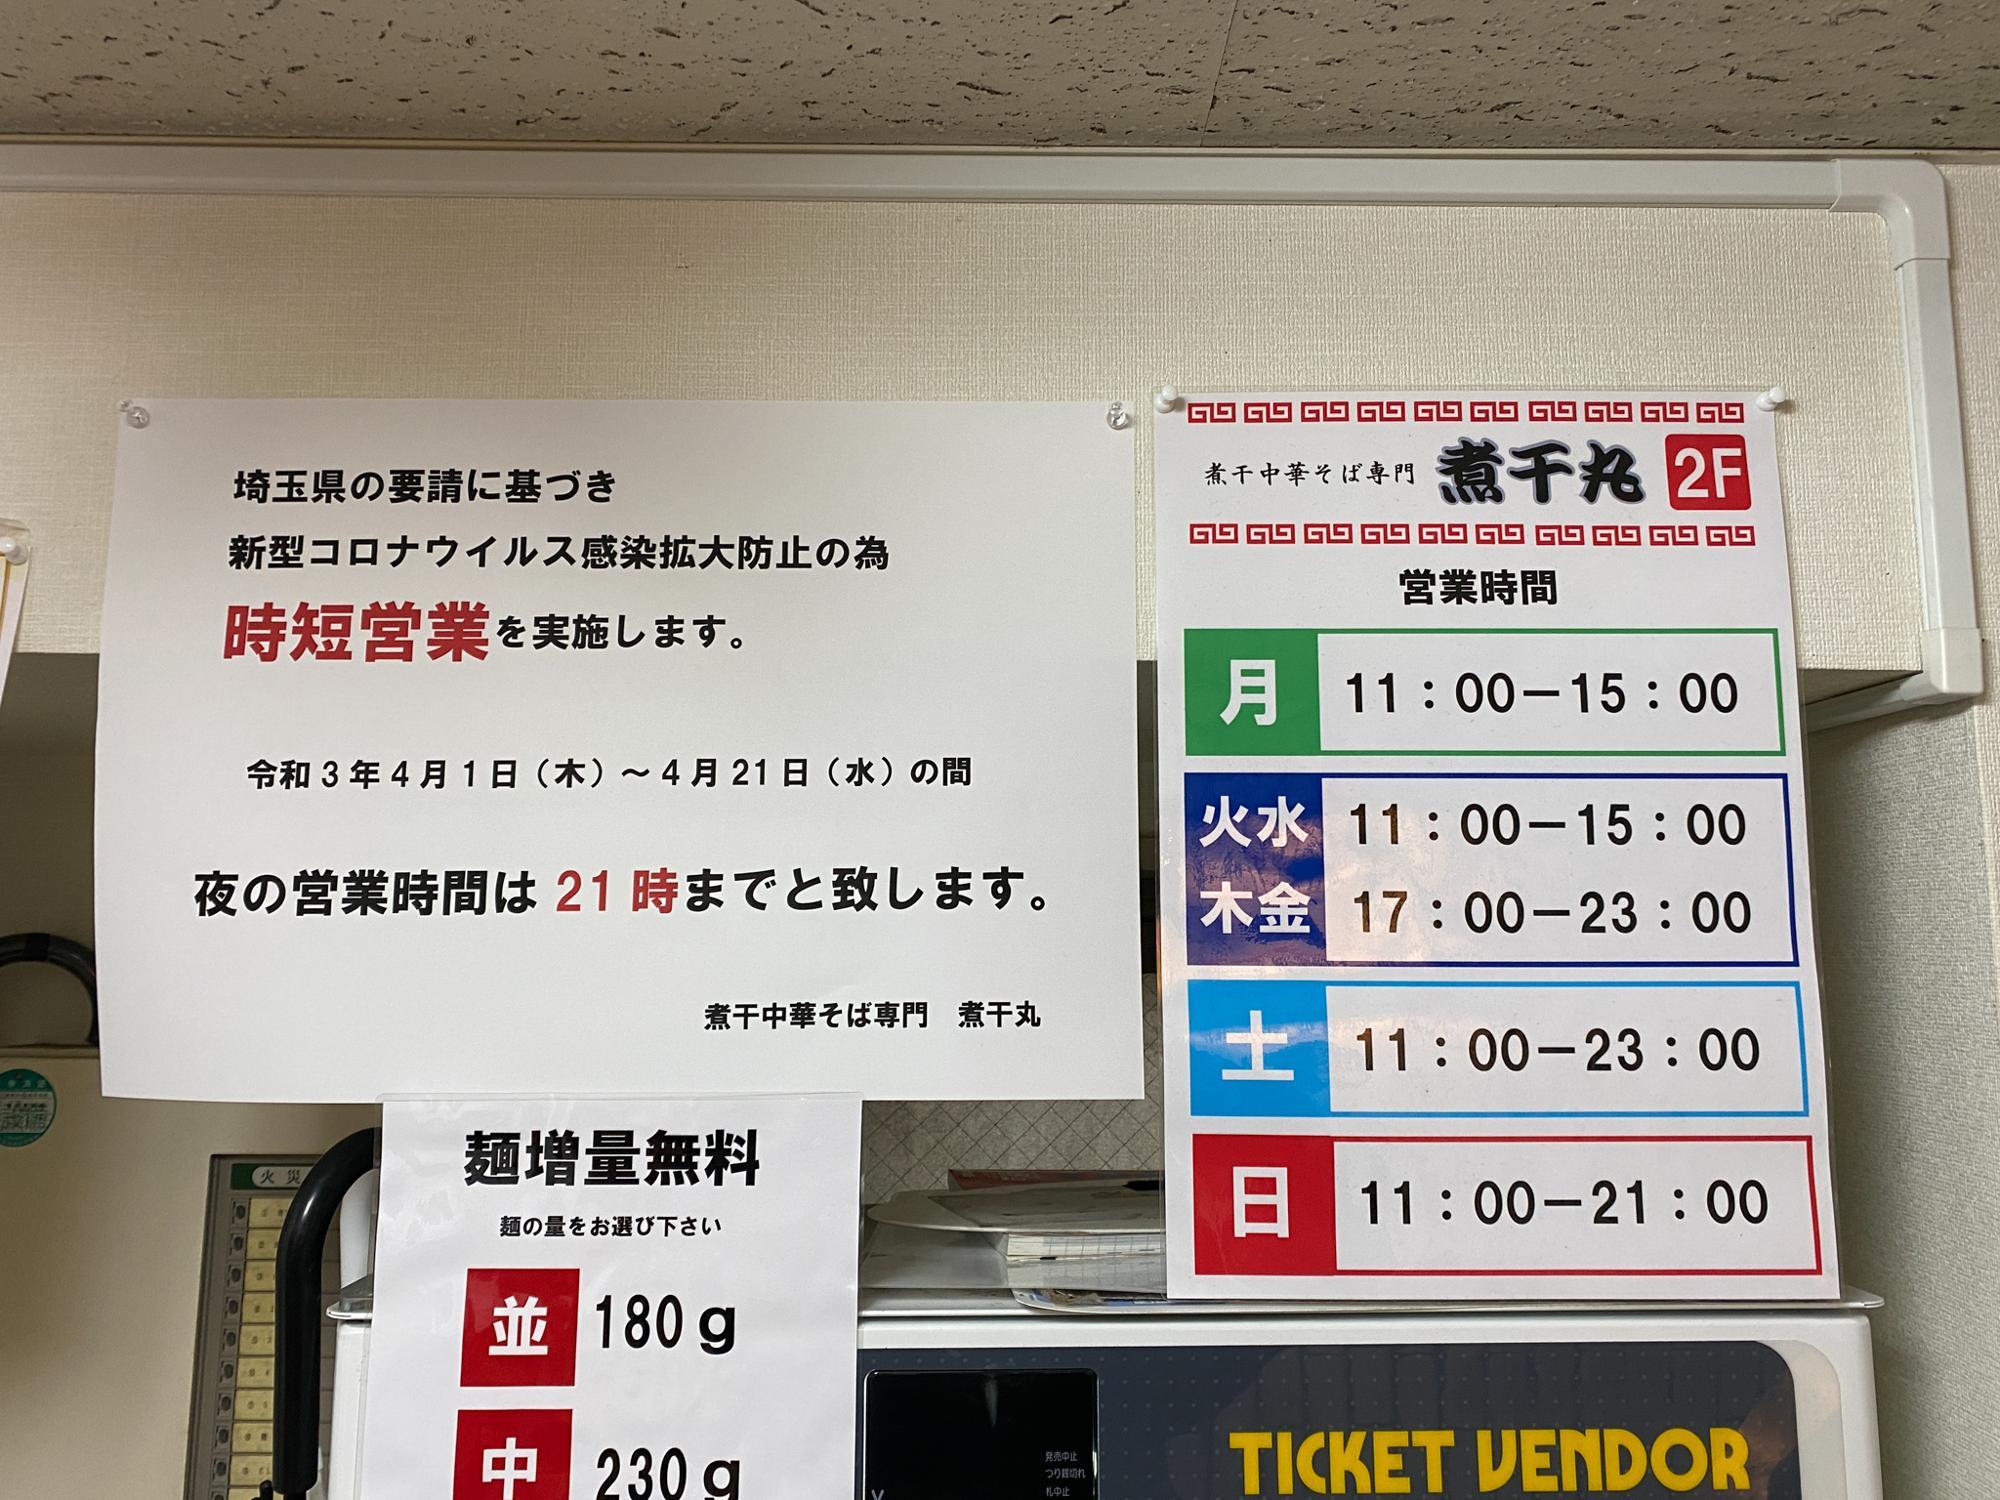 4月21日(水)までは21時までの営業なので注意(記事公開時点での情報です)